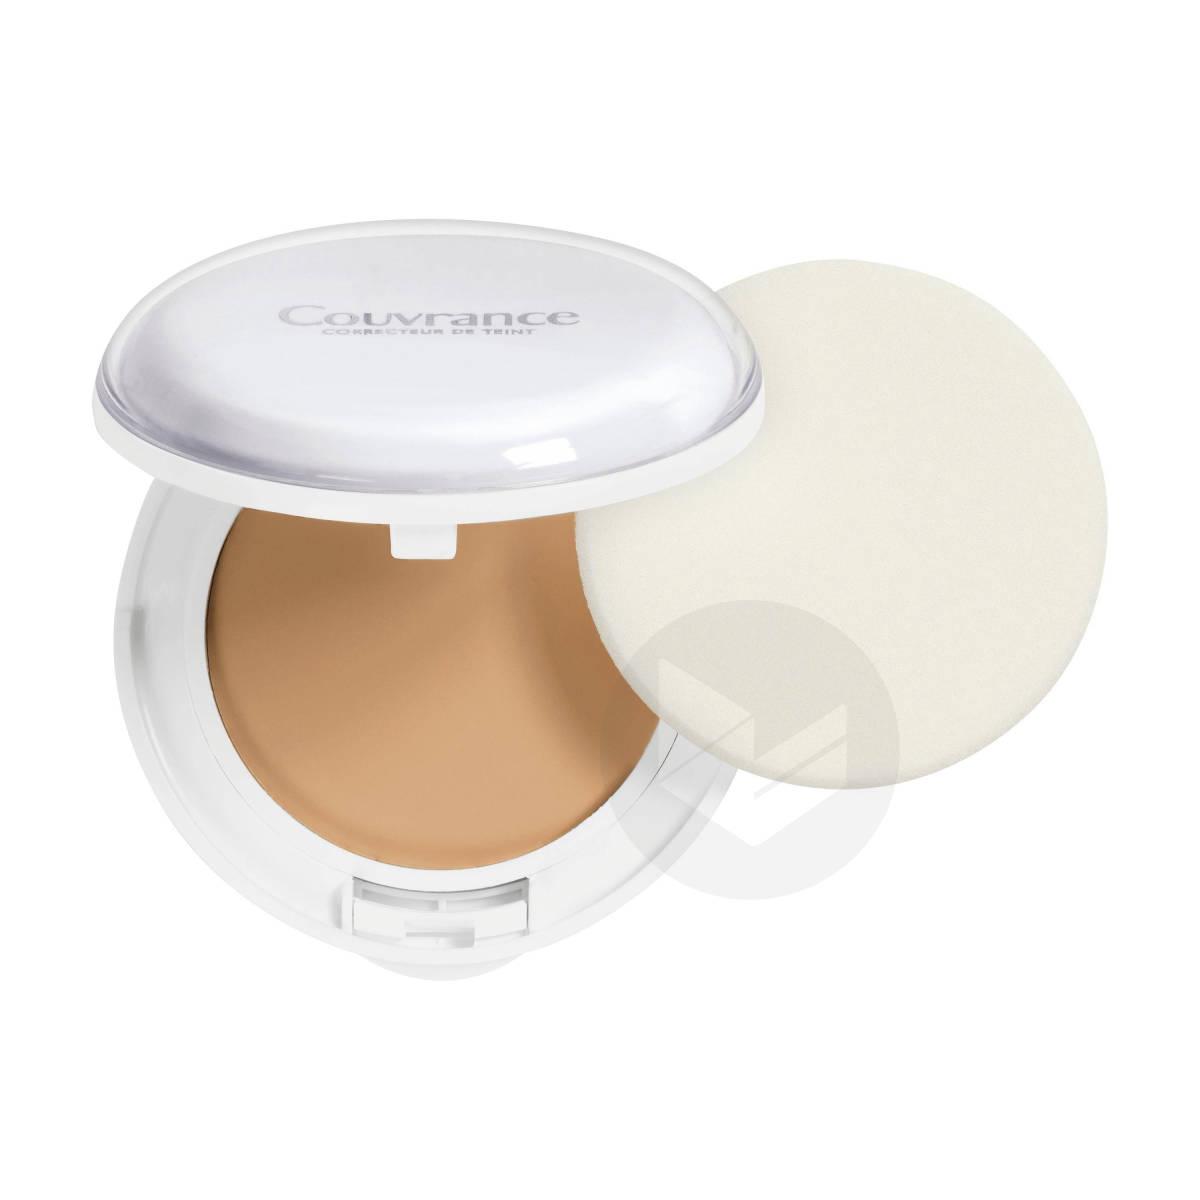 Crème De Teint Compacte Fini Mat Poudré Naturel Beige N°2.5 - Peaux Claires Et Sensibles 10g